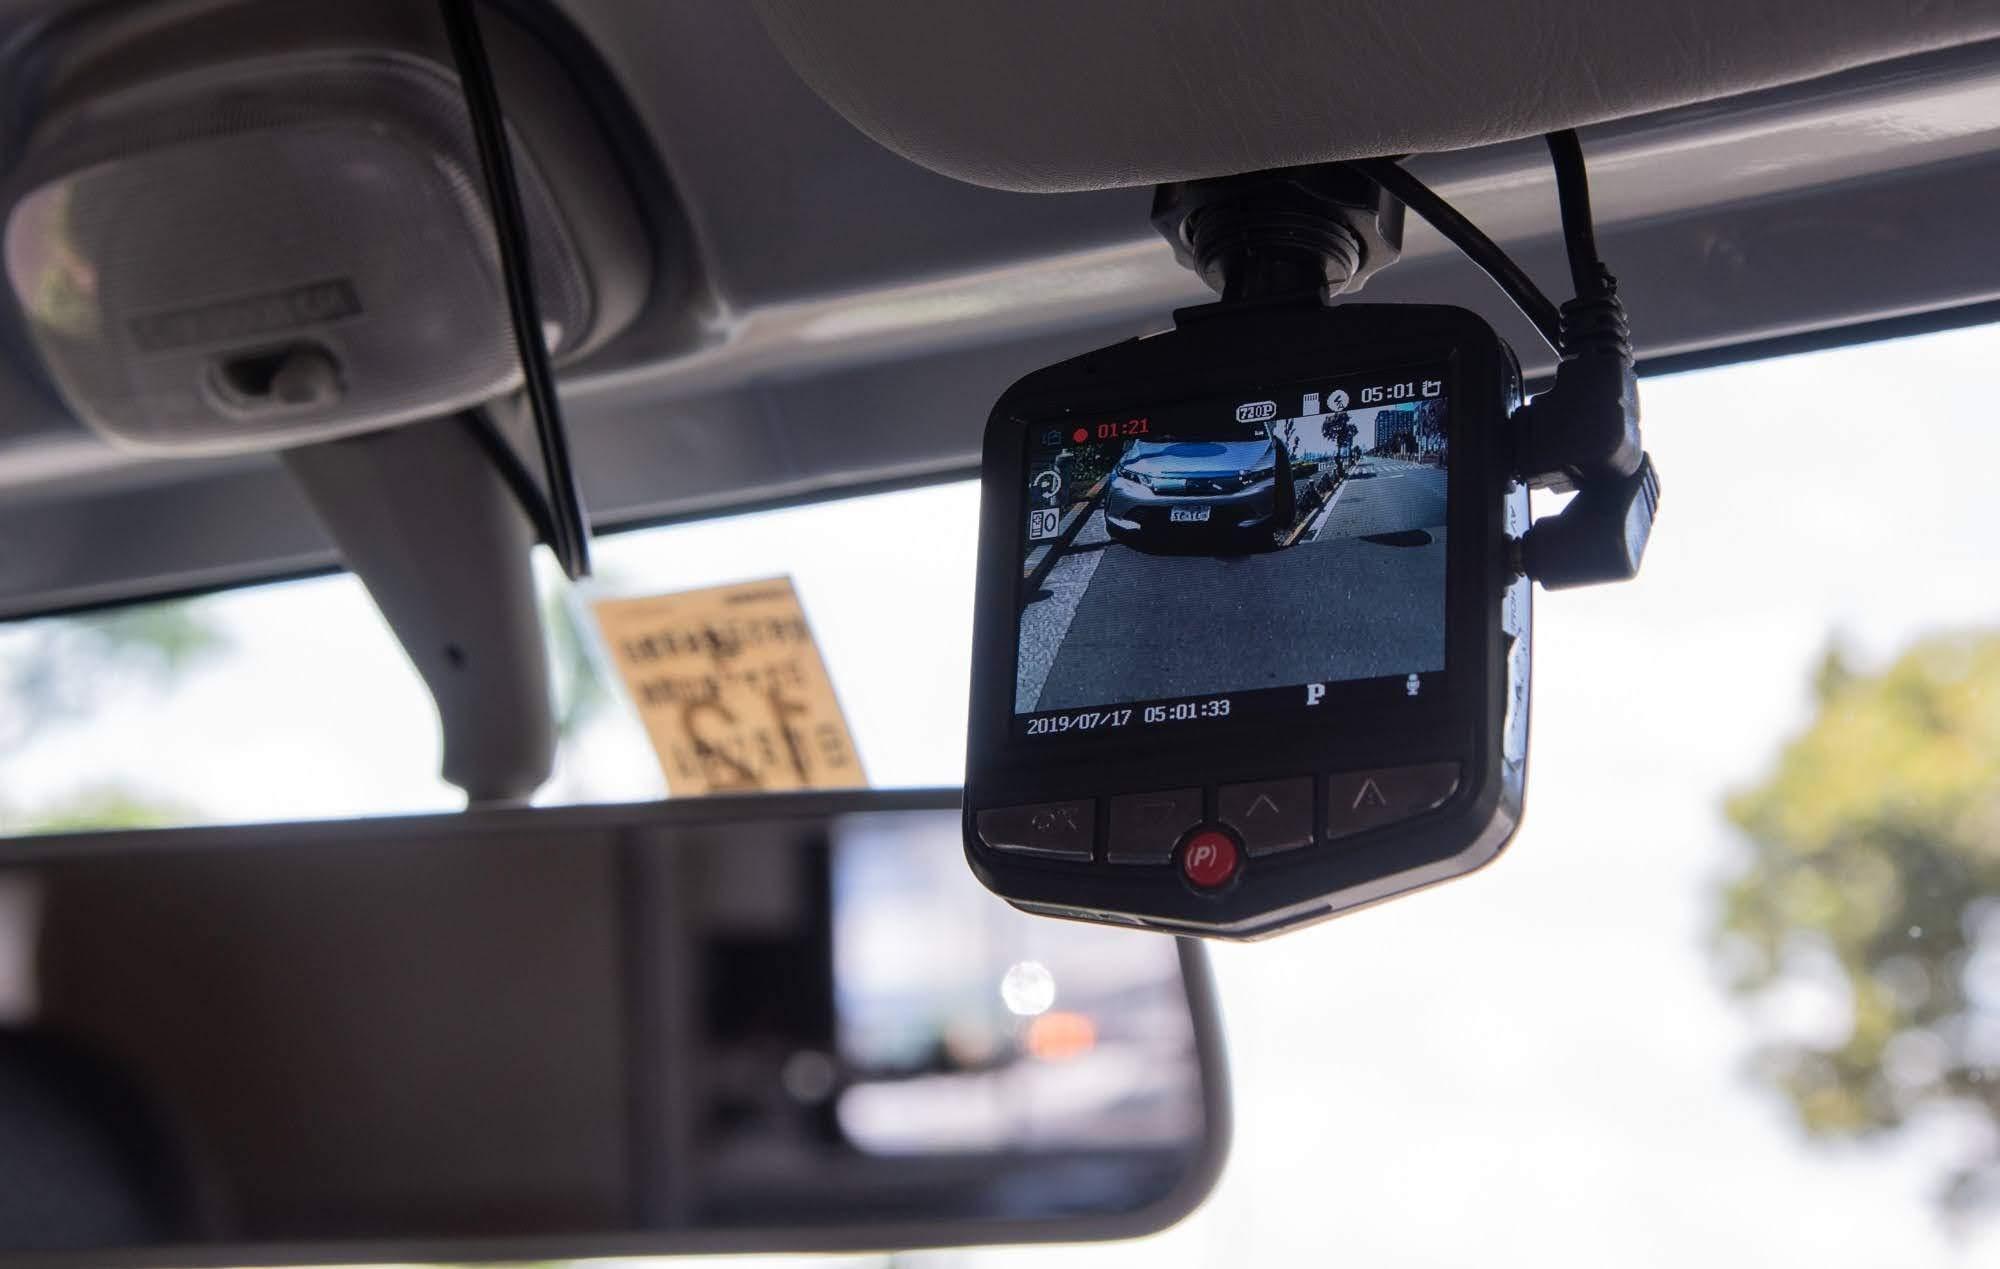 (11)ドライブレコーダー ※バックカメラが便利です。